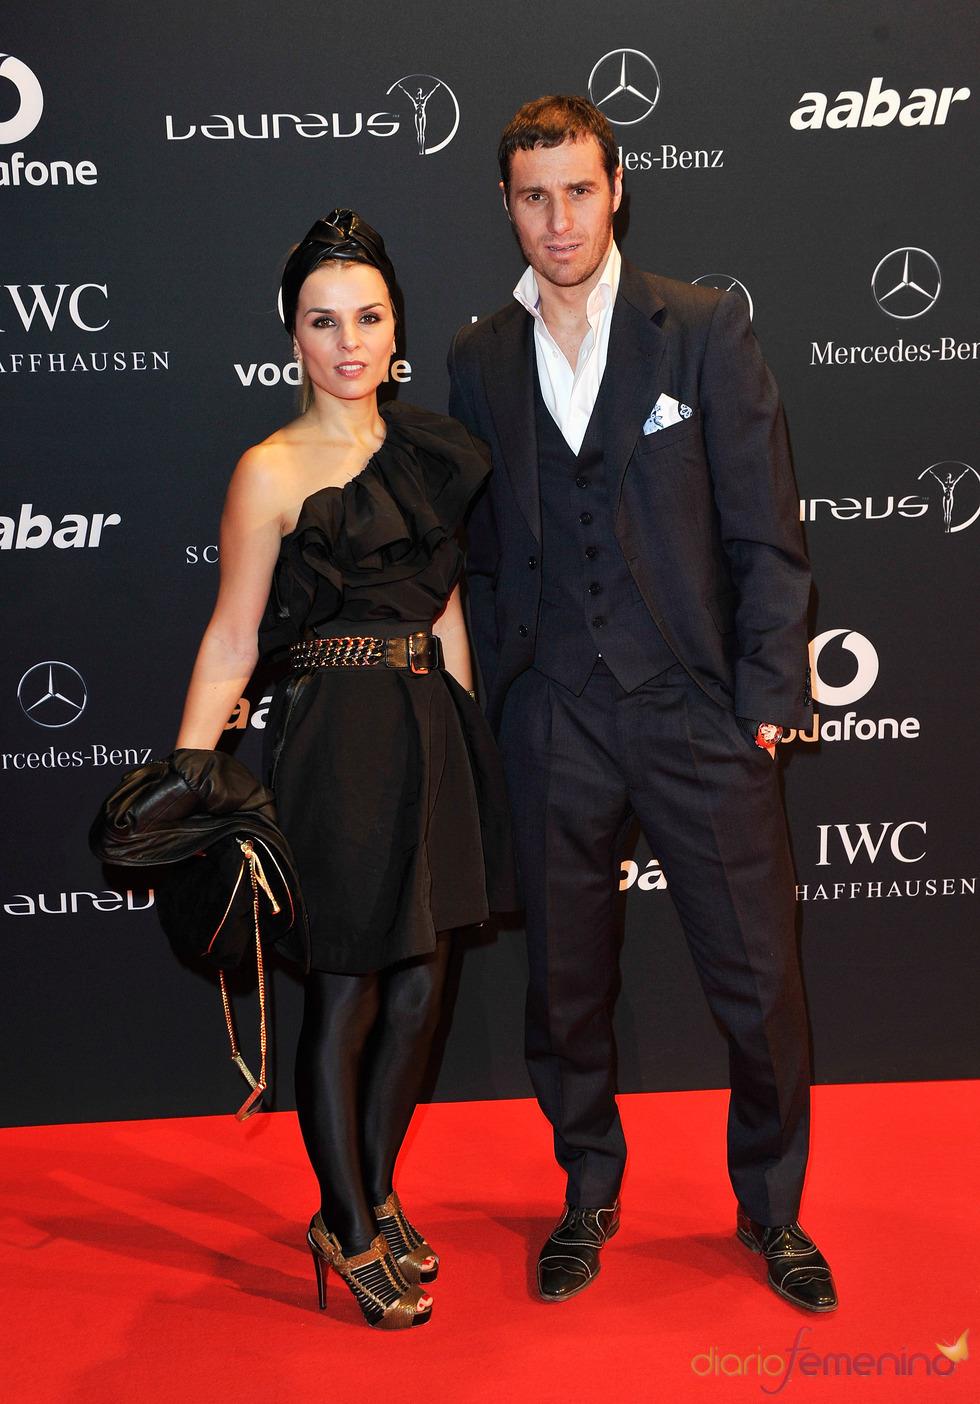 El futbolista Ivan Helguera y su pareja en la Laureus Welcome Party